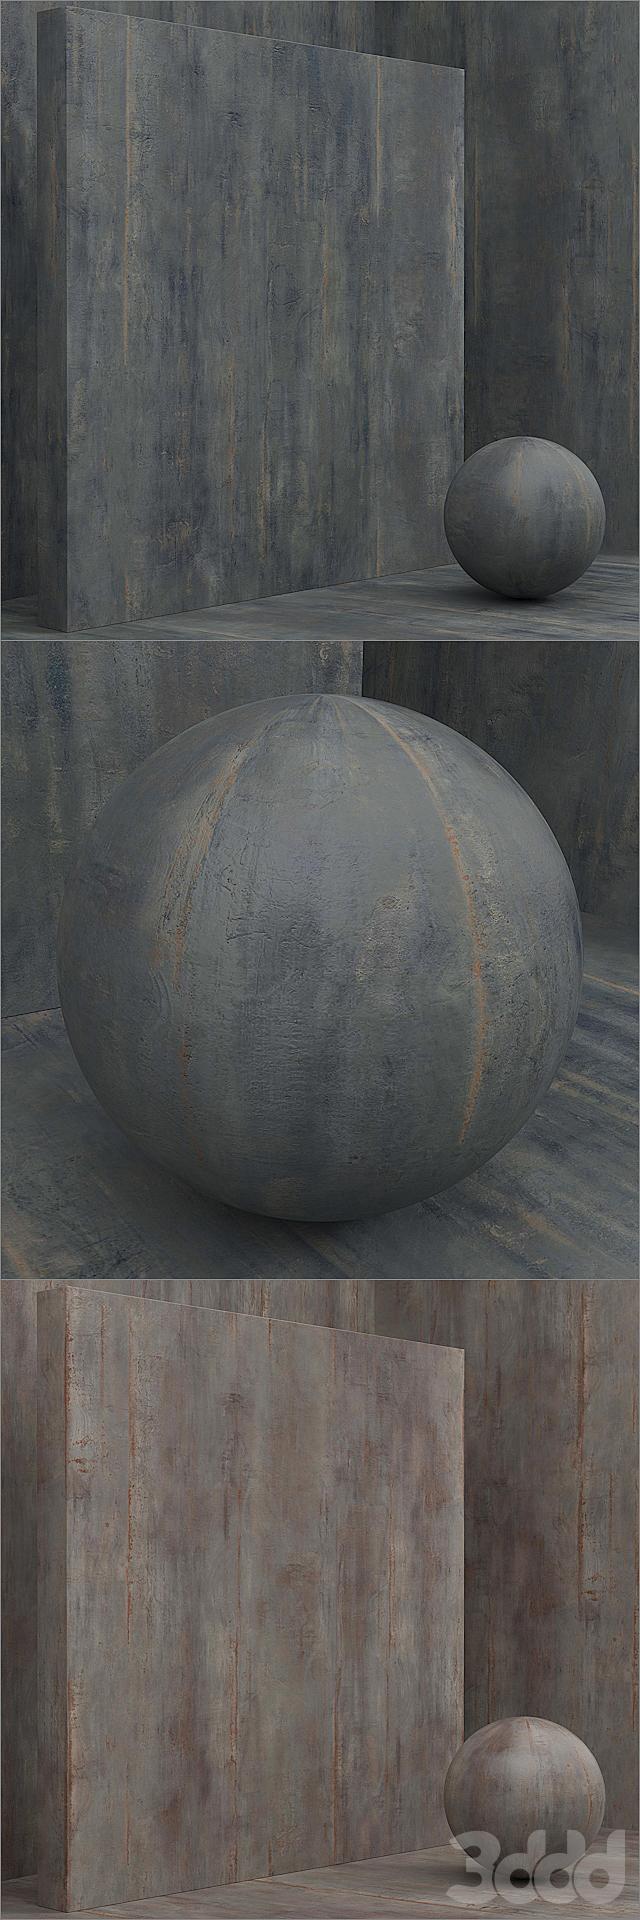 Материал (бесшовный) - покрытие, ржавчина, штукатурка set 69